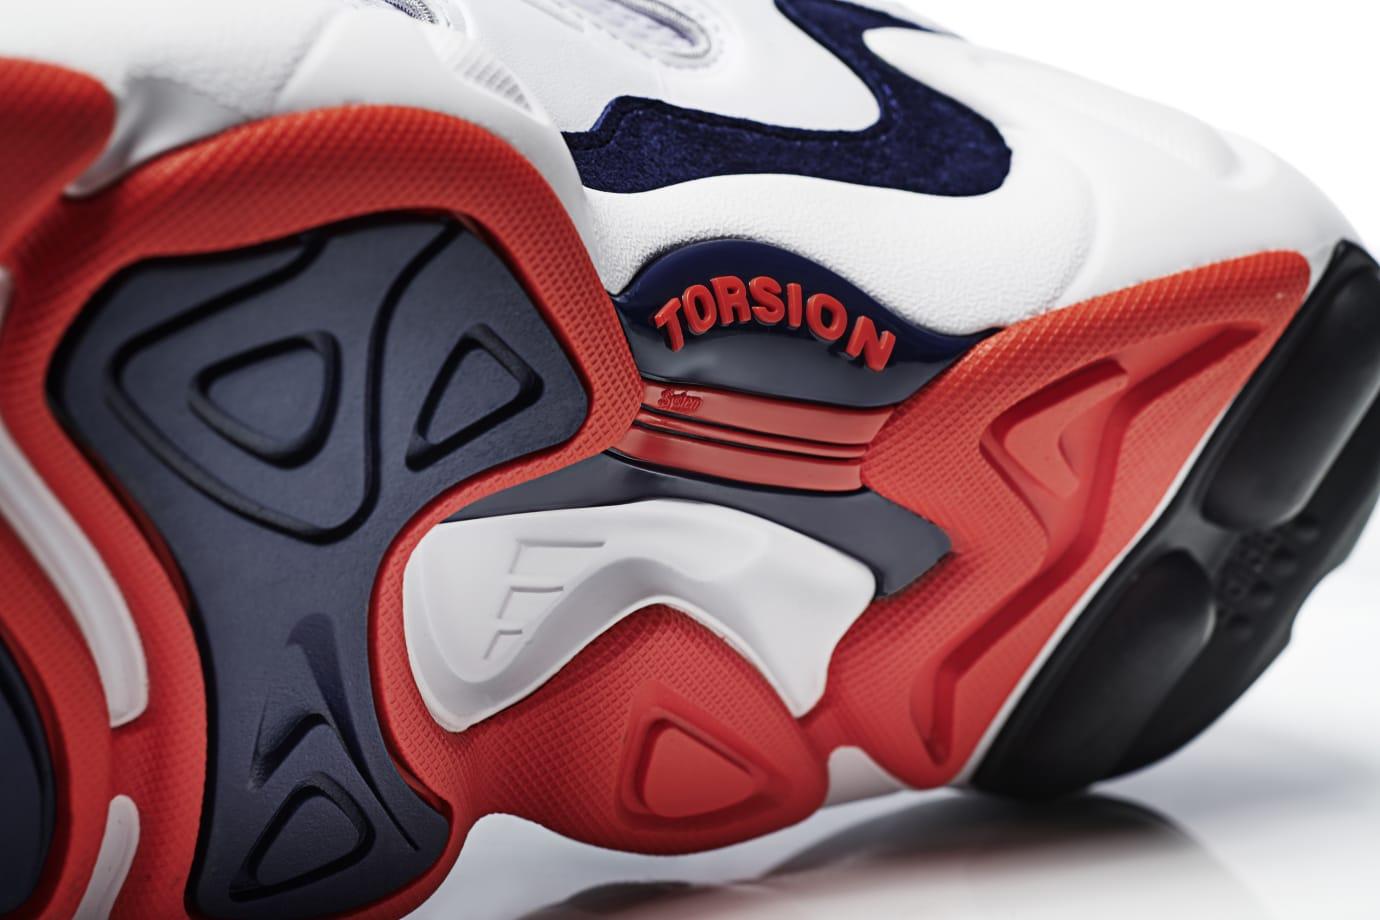 Adidas Consortium FYW S-97 C27704 4